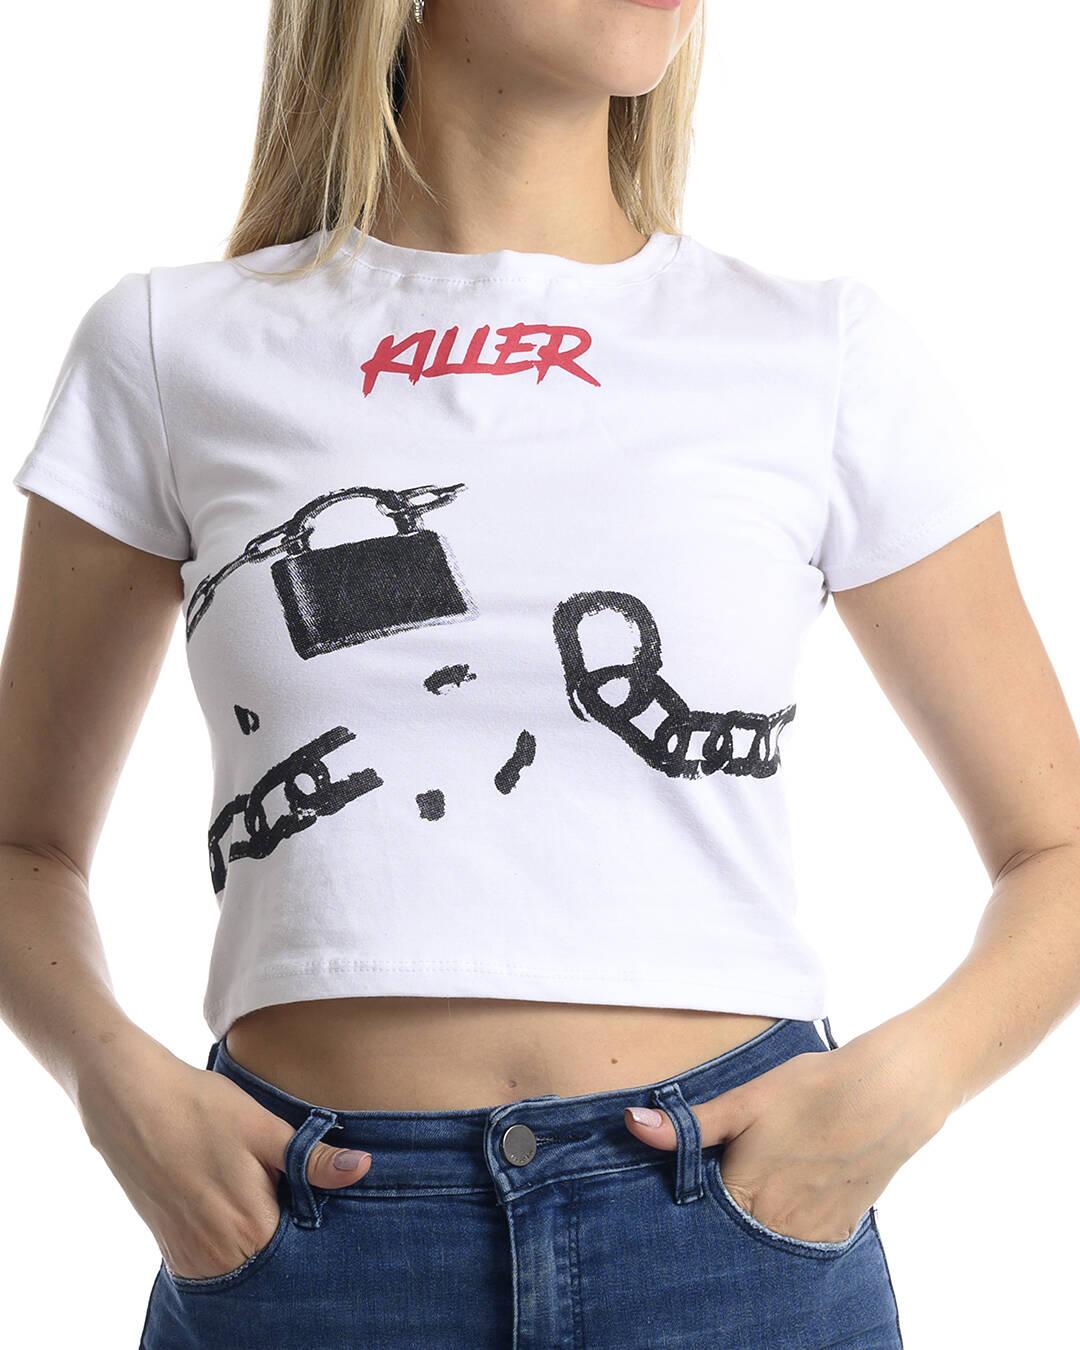 Imagen carrousel REMERA ALGODON KILLER  CANDADO 5